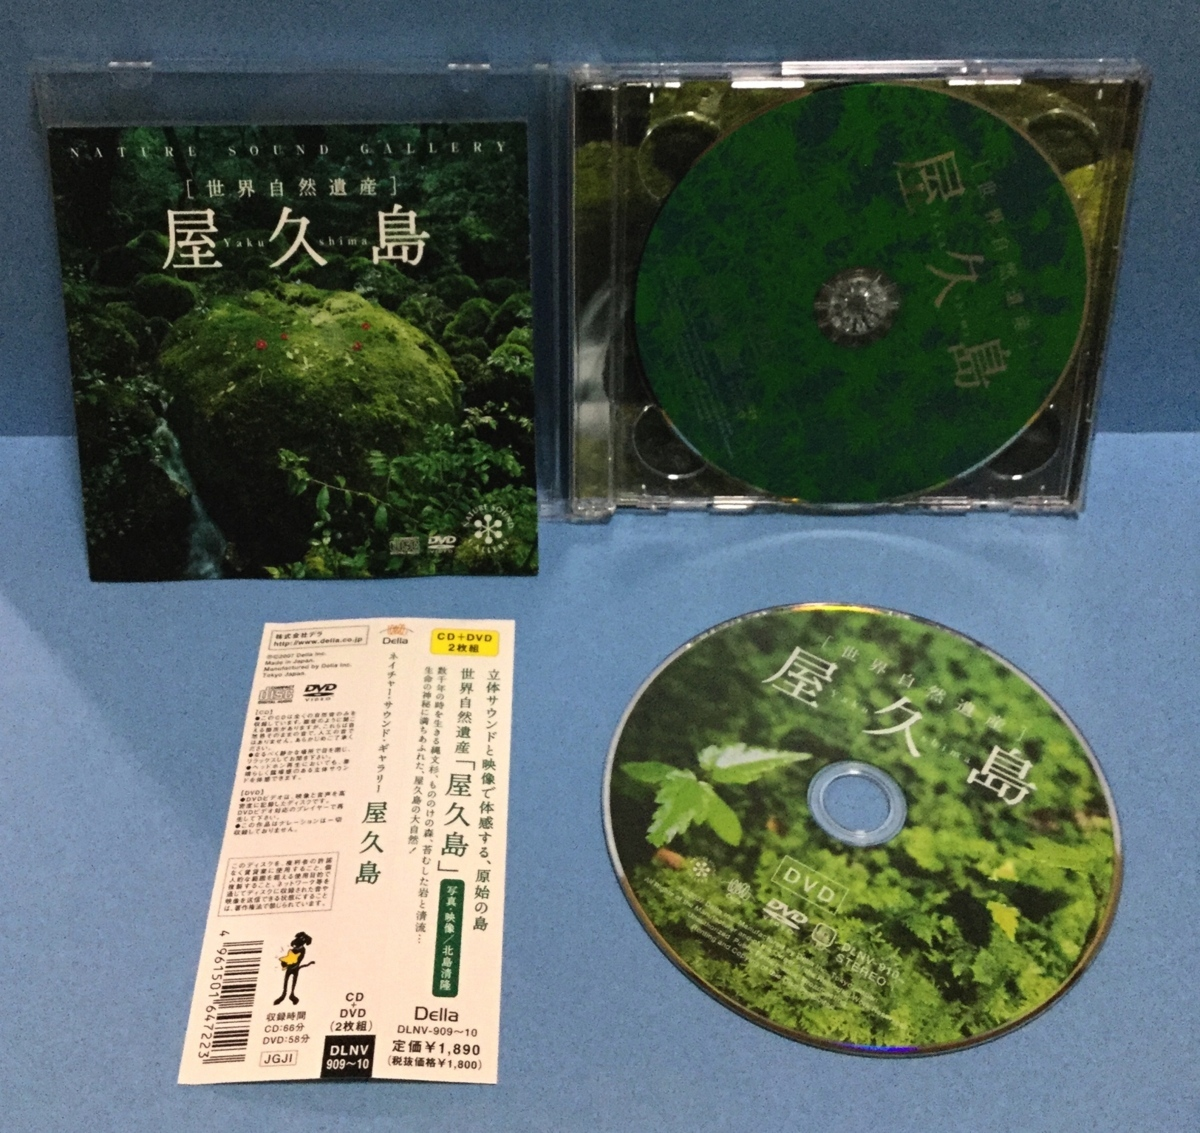 CD+DVD その他 ネイチャー・サウンド・ギャラリー 屋久島_画像2